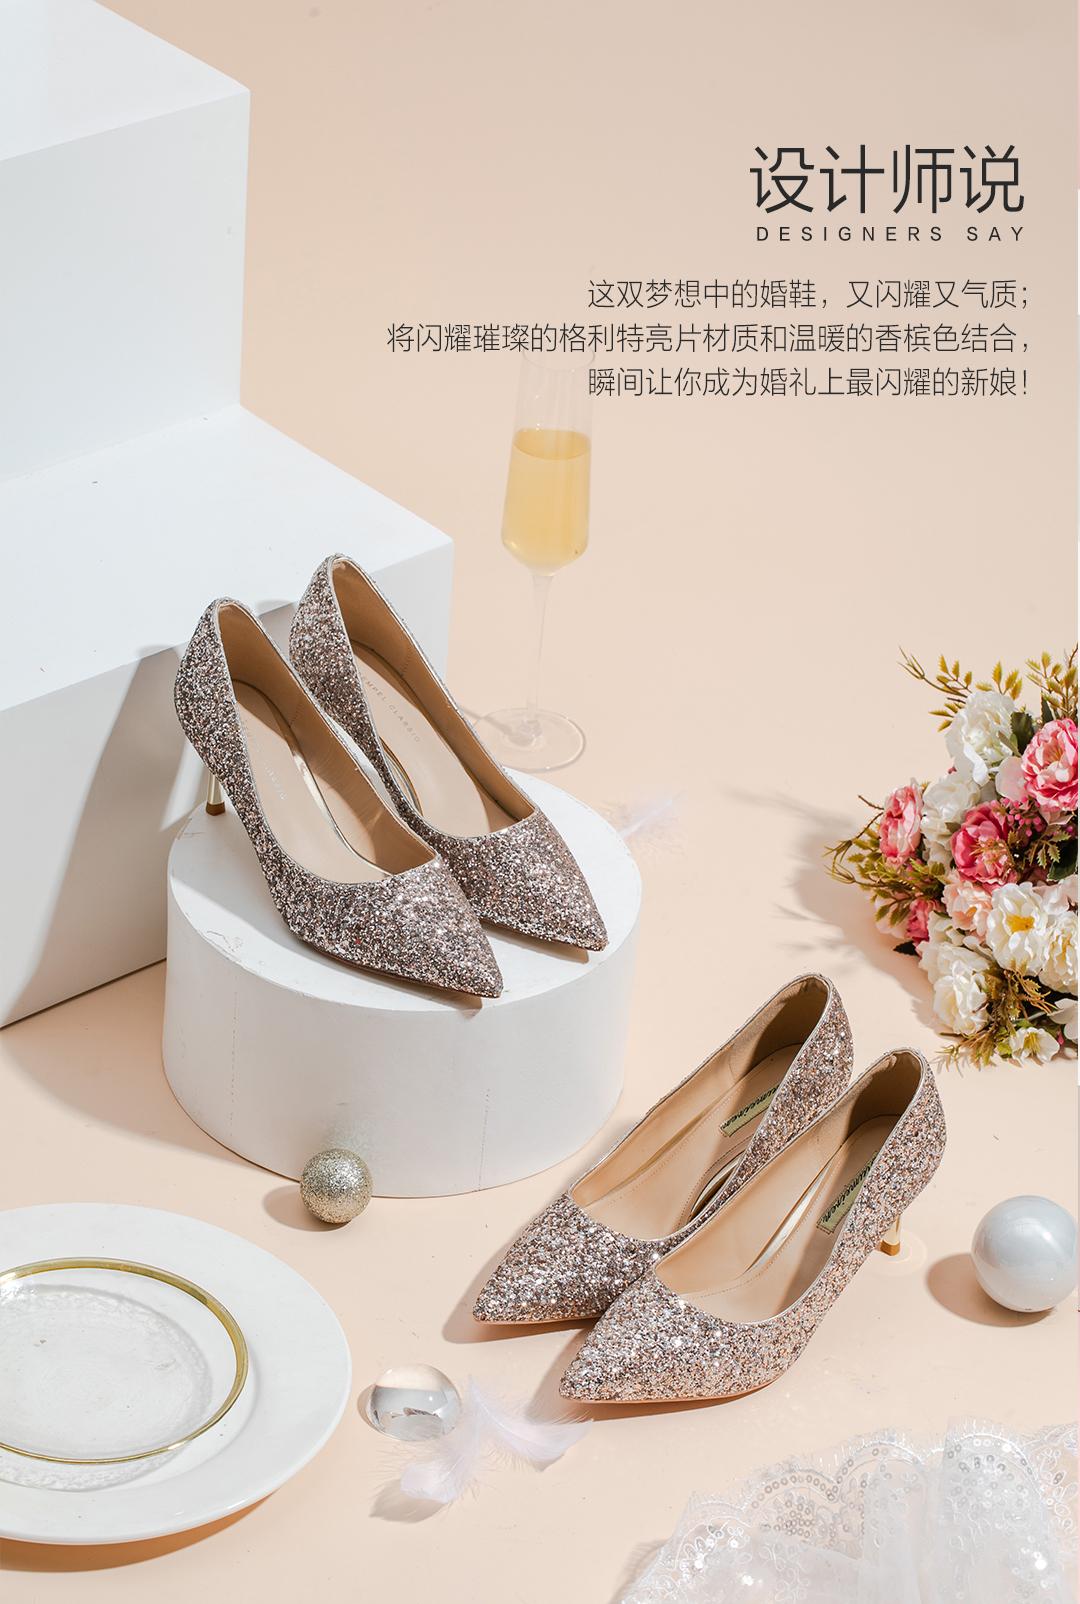 3种跟高 经典金色亮片尖头水晶高跟鞋